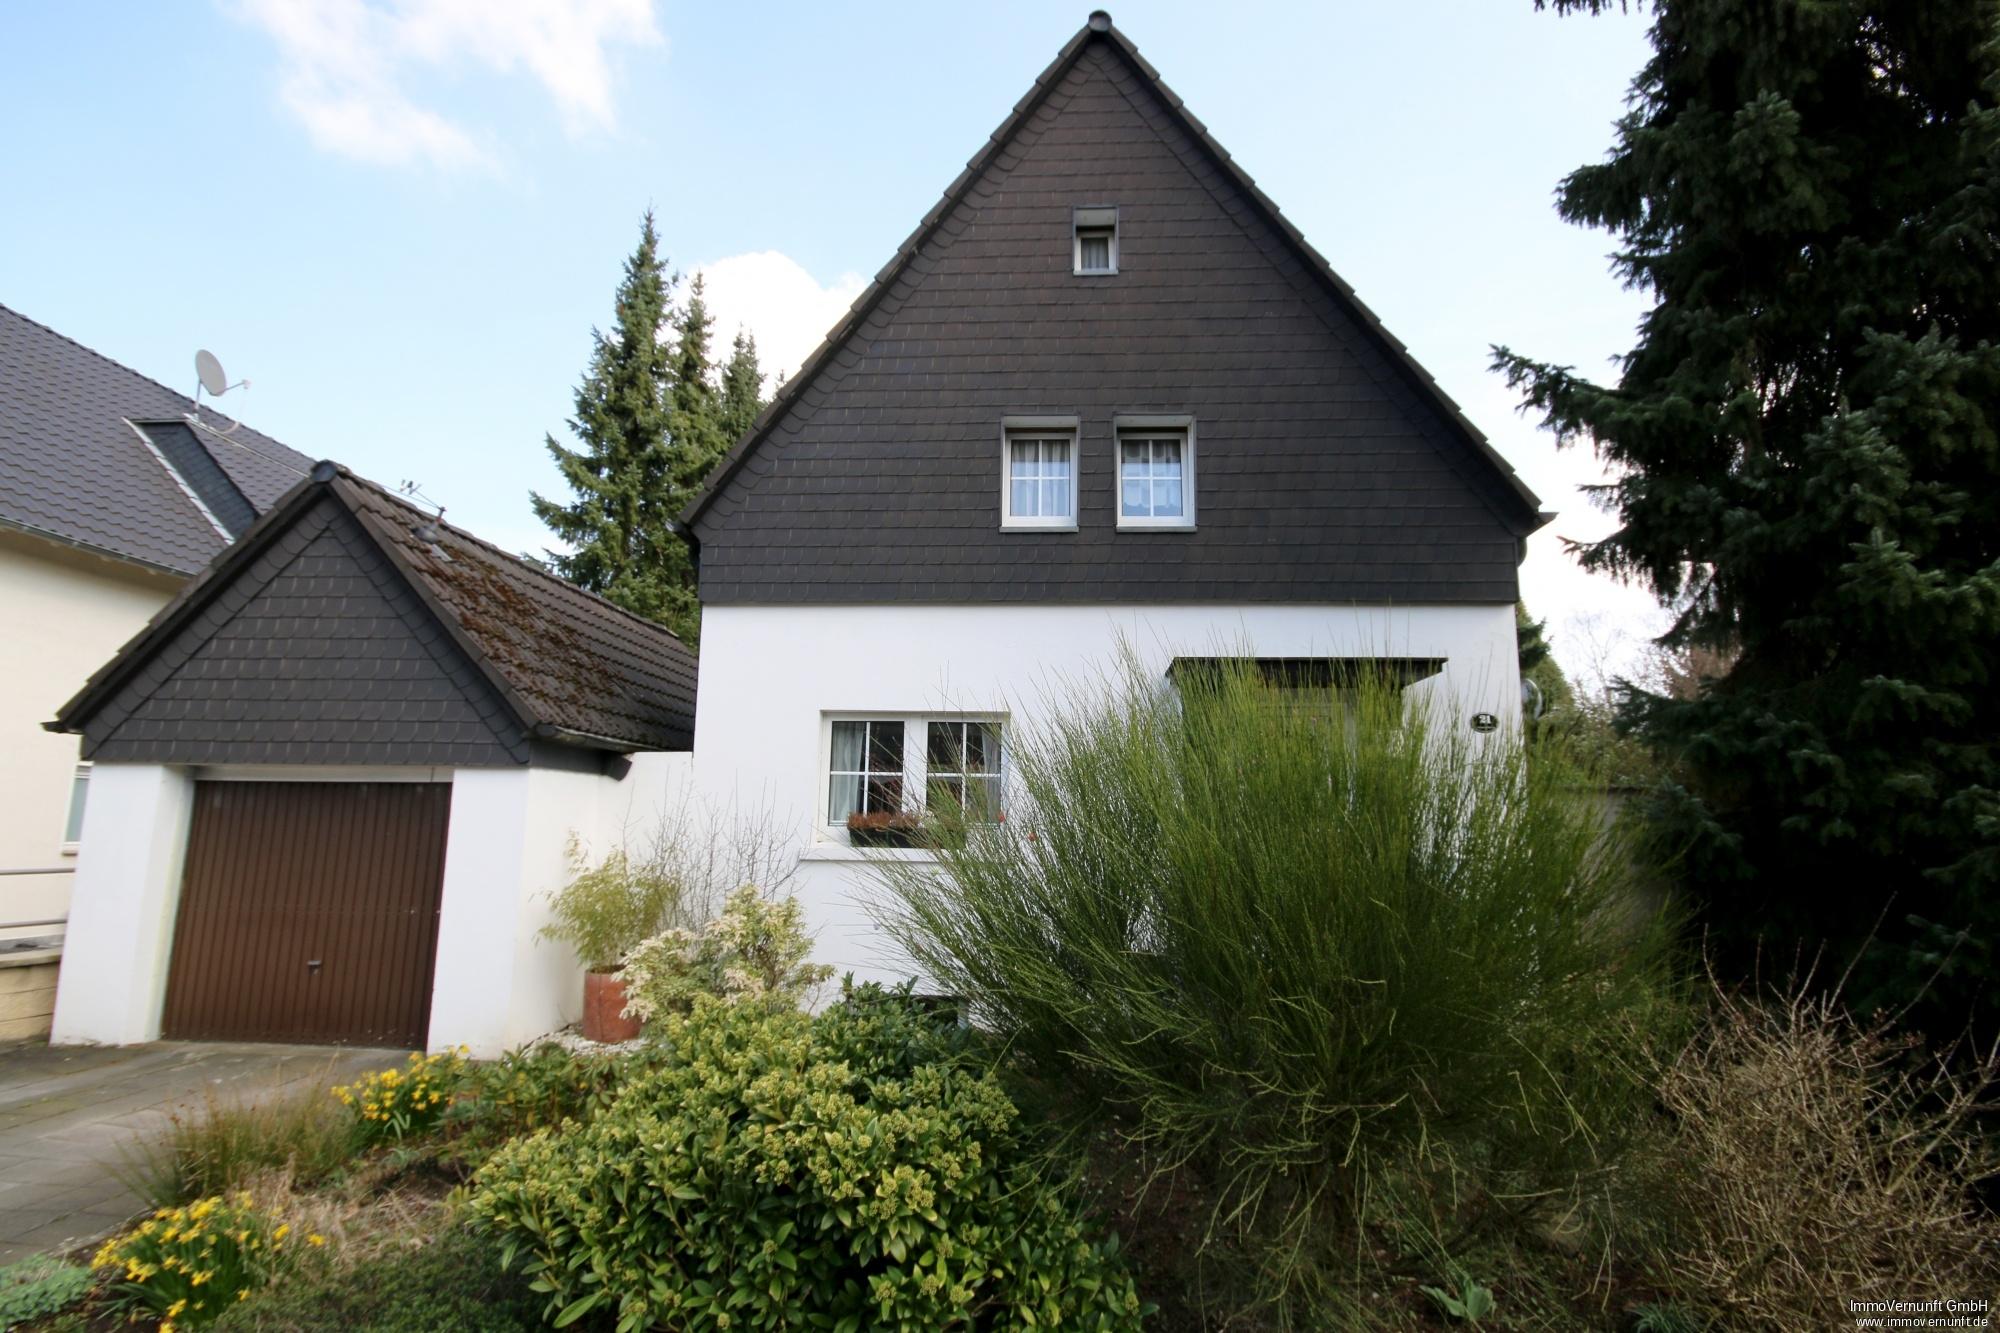 Schönes freistehendes Einfamilienhaus in Saarn 45481 Mülheim an der Ruhr, Einfamilienhaus